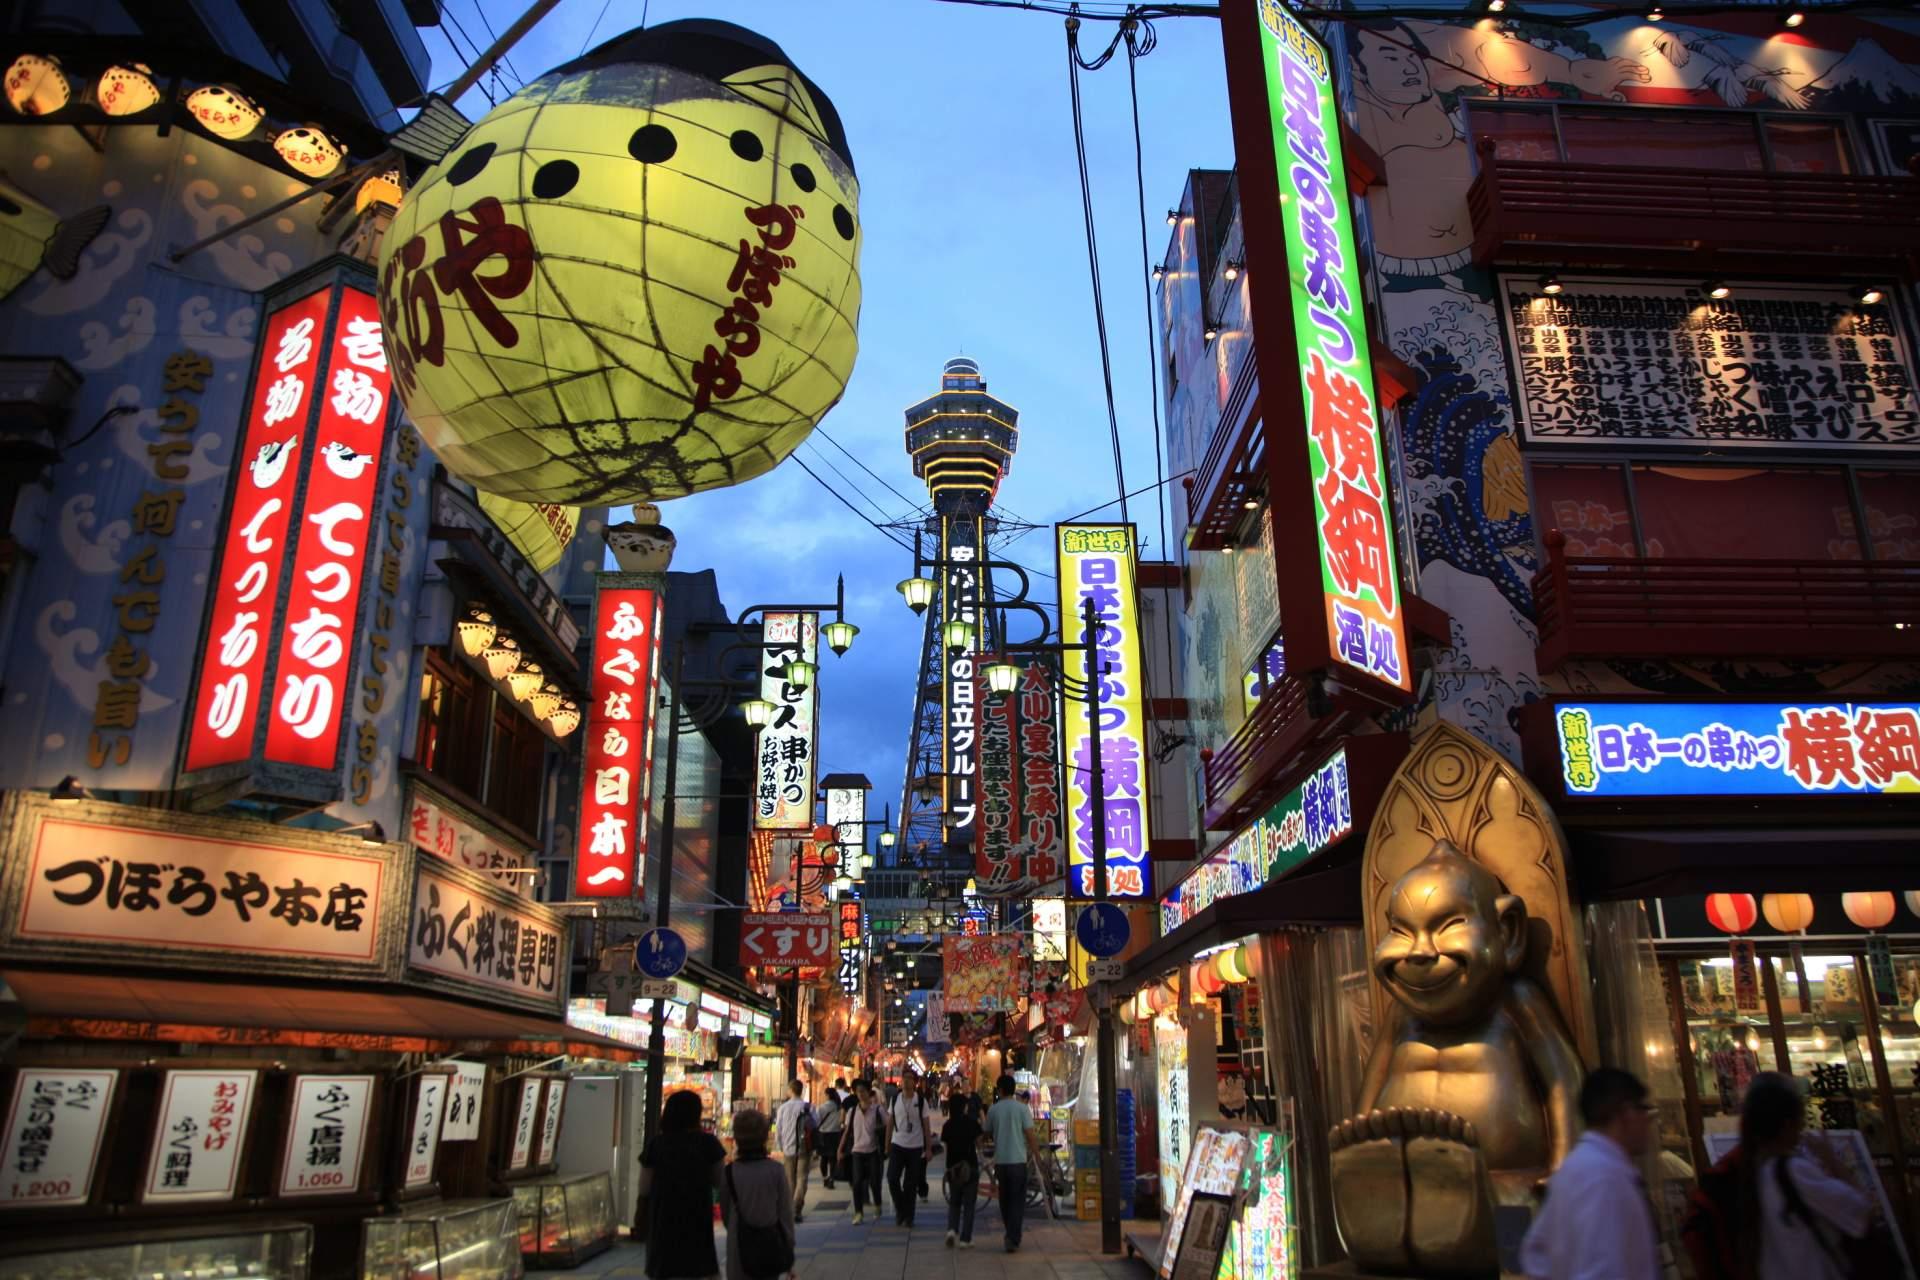 大阪的繁华街